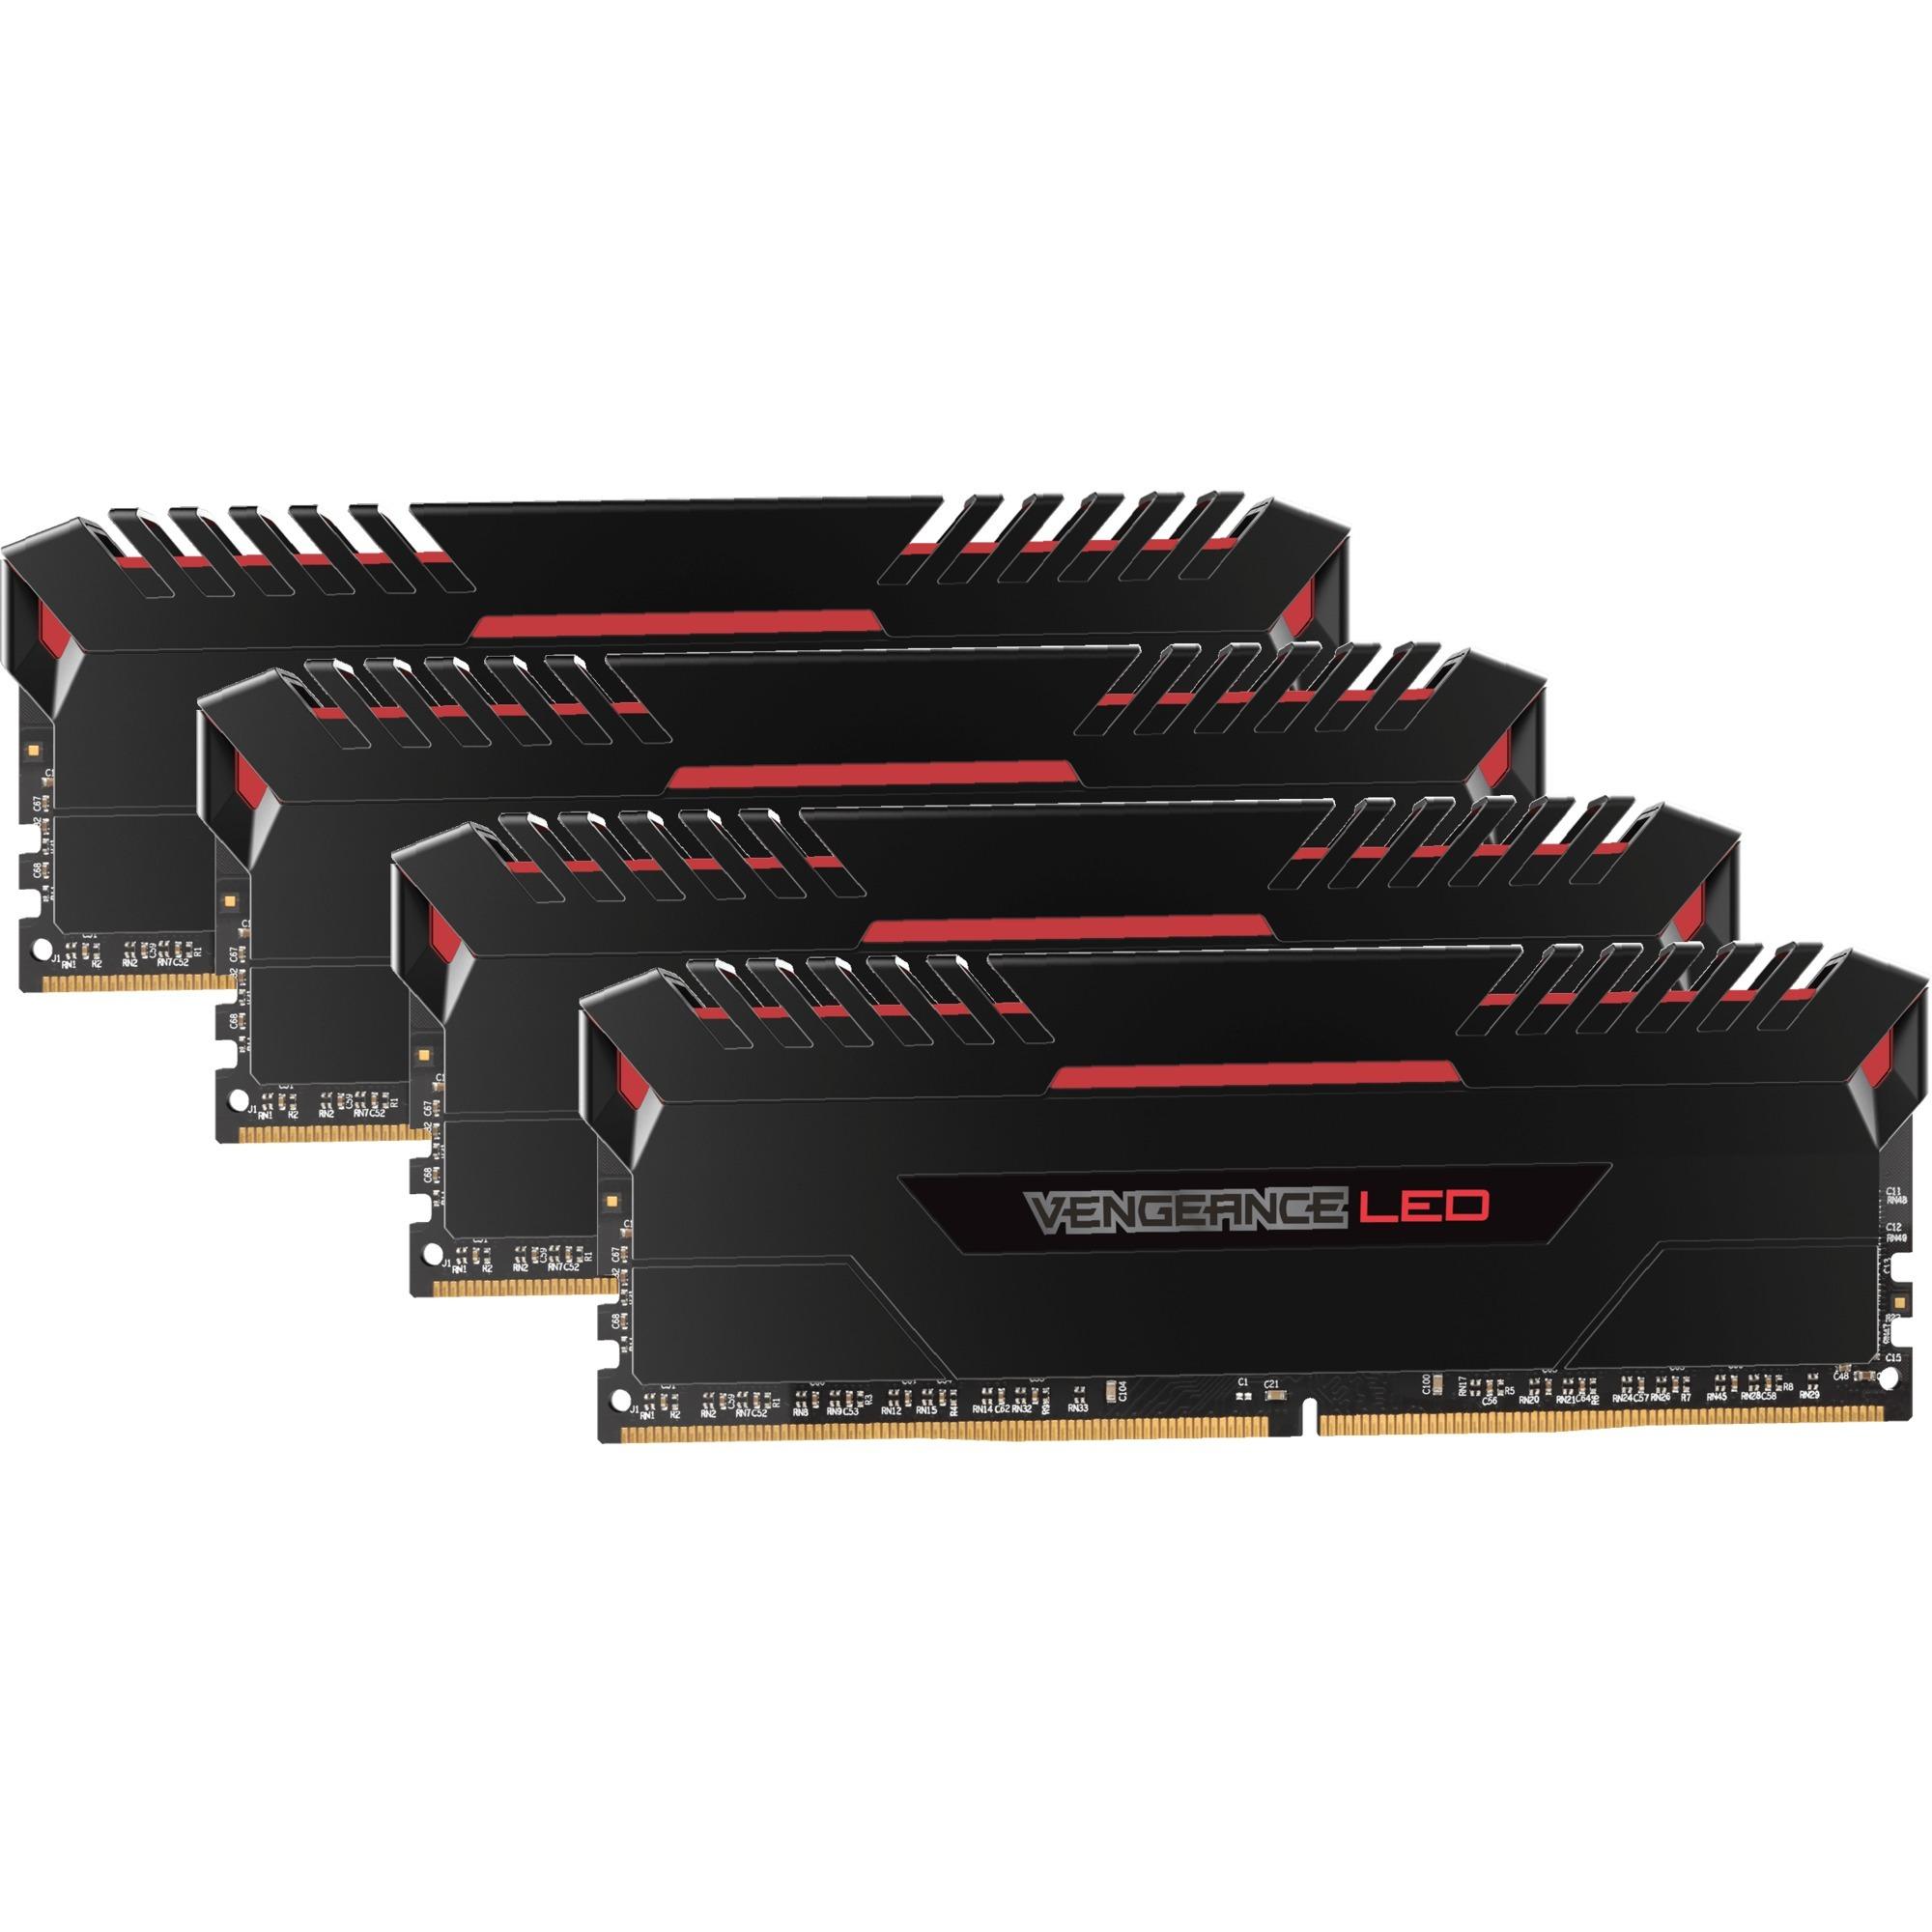 Vengeance LED Series 64 Go (4x 16 Go) DDR4 3200 MHz CL16, Mémoire